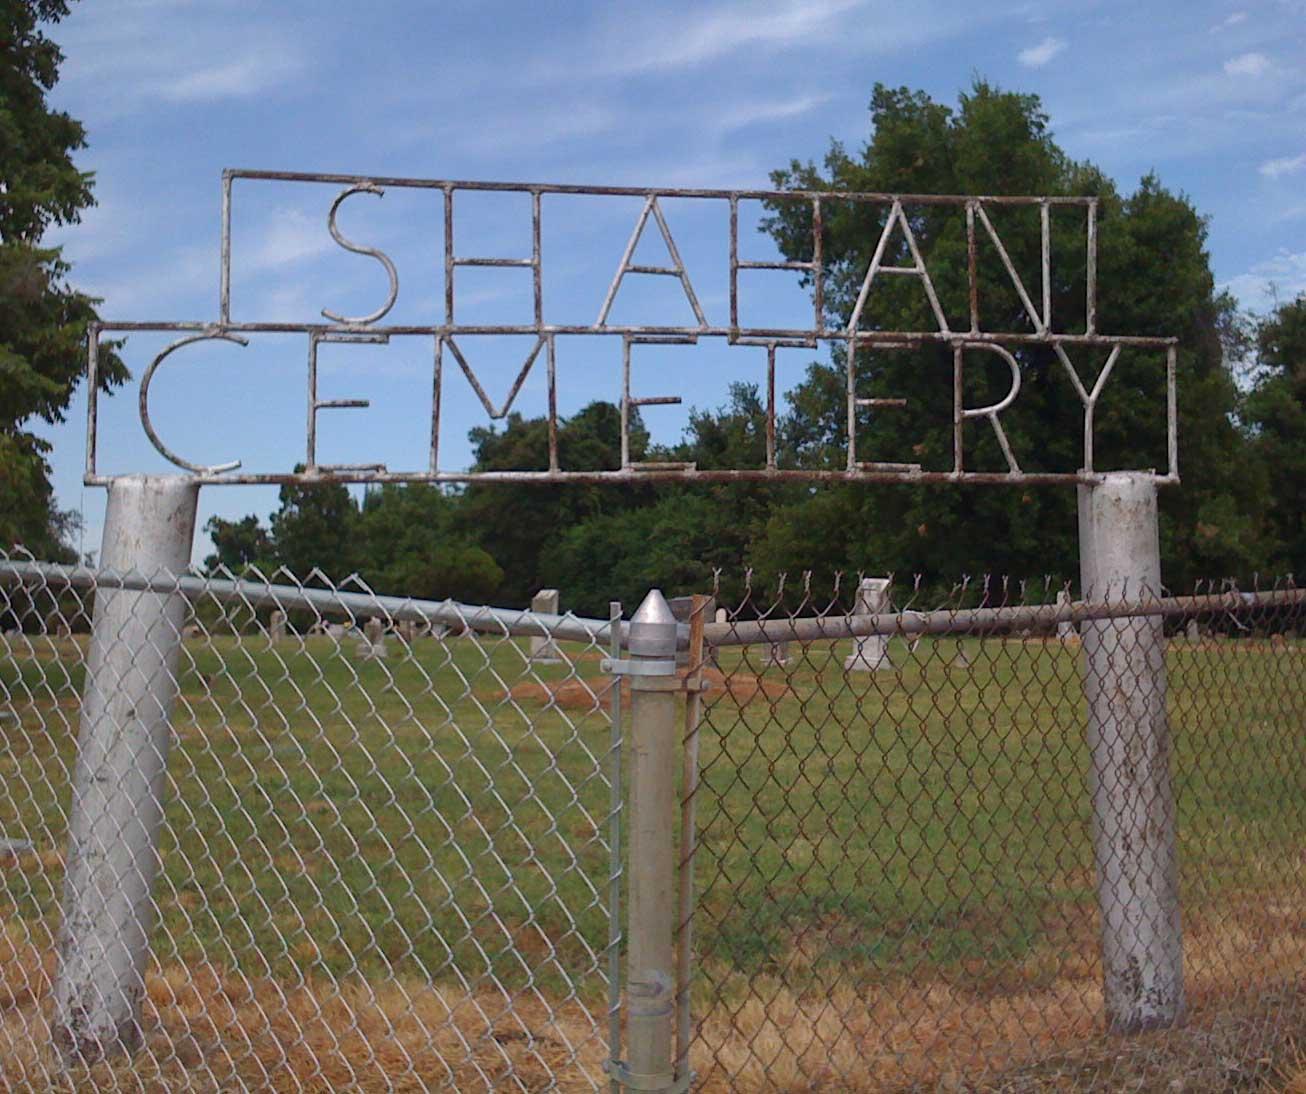 Shahan Cemetery